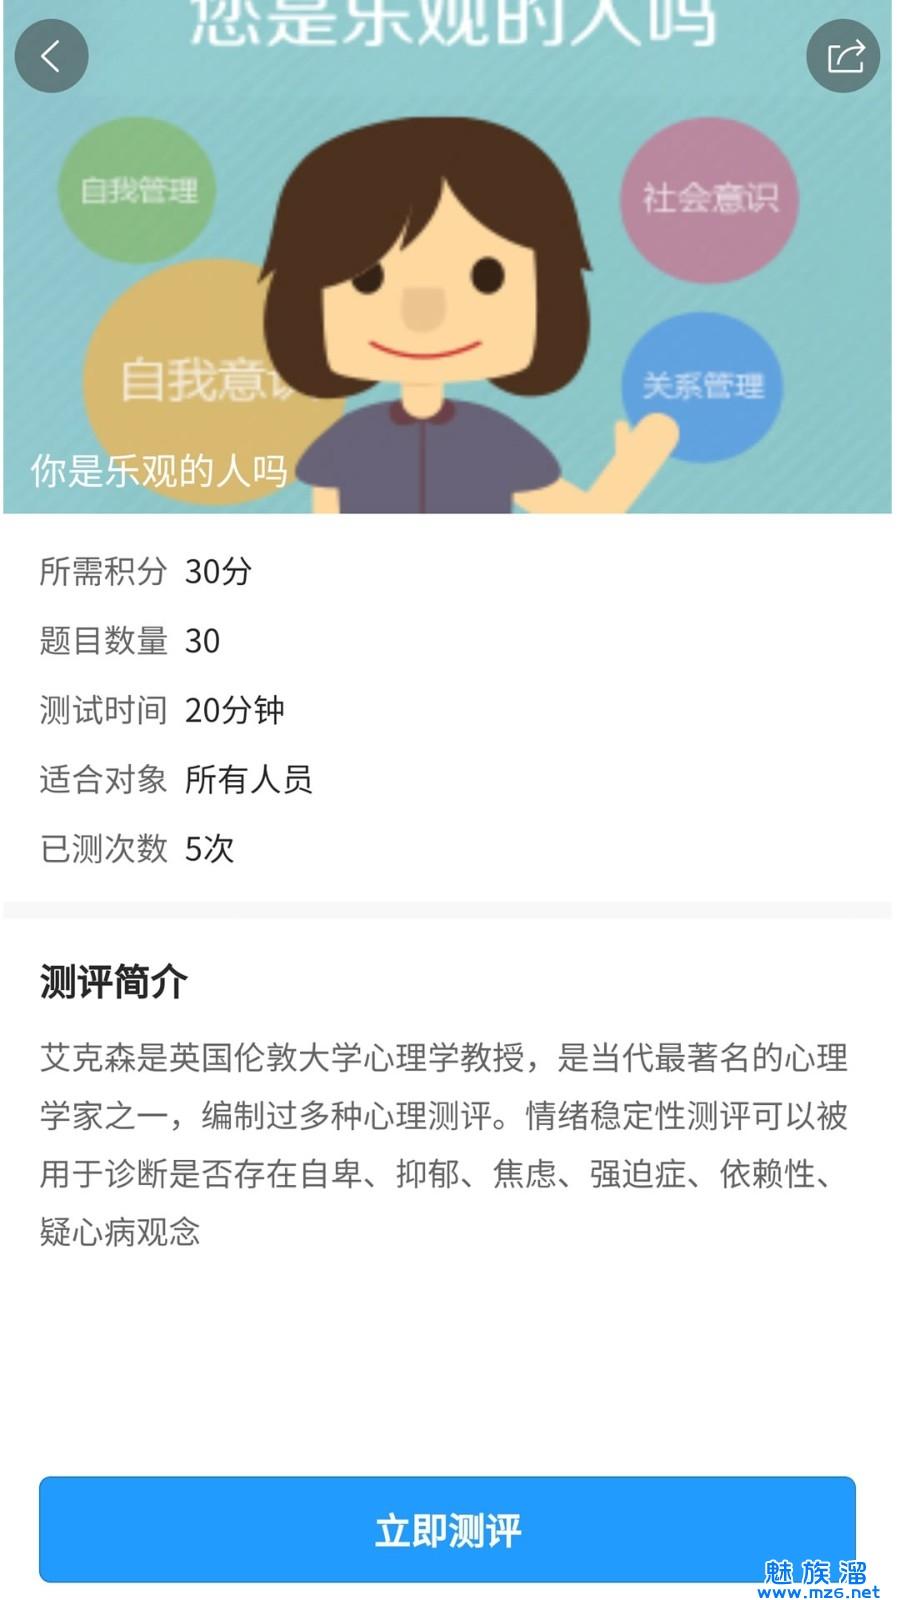 江苏人才网